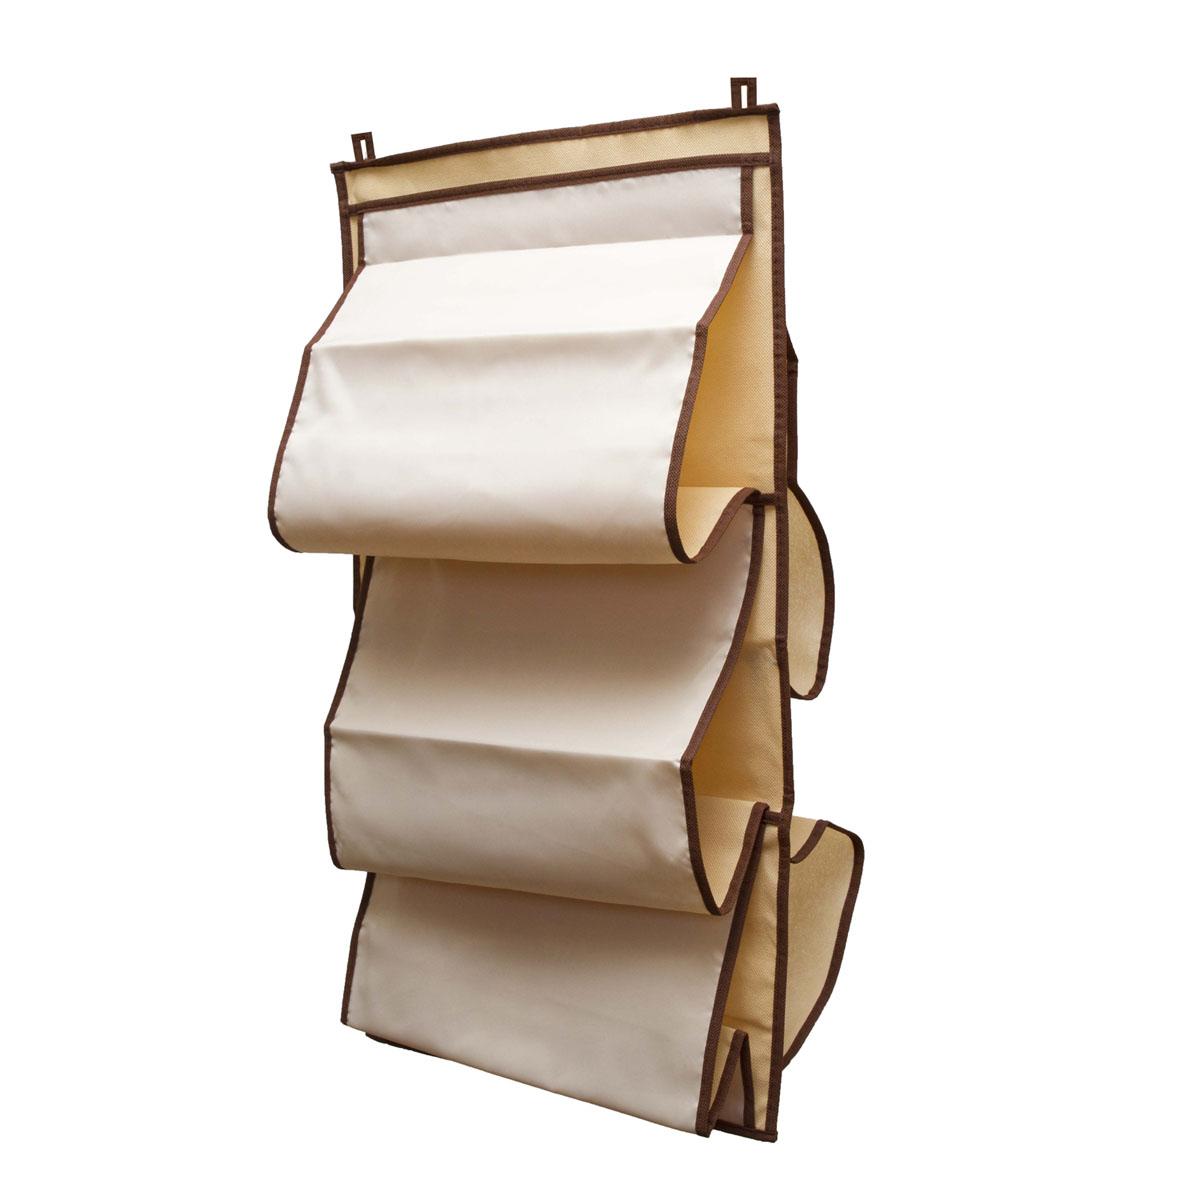 Органайзер для сумок Homsu Bora-Bora, 5 отделений, 40 х 70 смU210DFОрганайзер для хранения сумок Homsu Bora-Bora изготовлен из полиэстера. Изделие имеет 5 отделений, его можно повесить в удобное место за крючки. Такой компактный и удобный в каждодневном использовании аксессуар, как этот органайзер, размещающийся в пространстве шкафа, на плоскости стены или дверей.Практичный и удобный органайзер для хранения сумок.Размер чехла: 40 х 70 см.